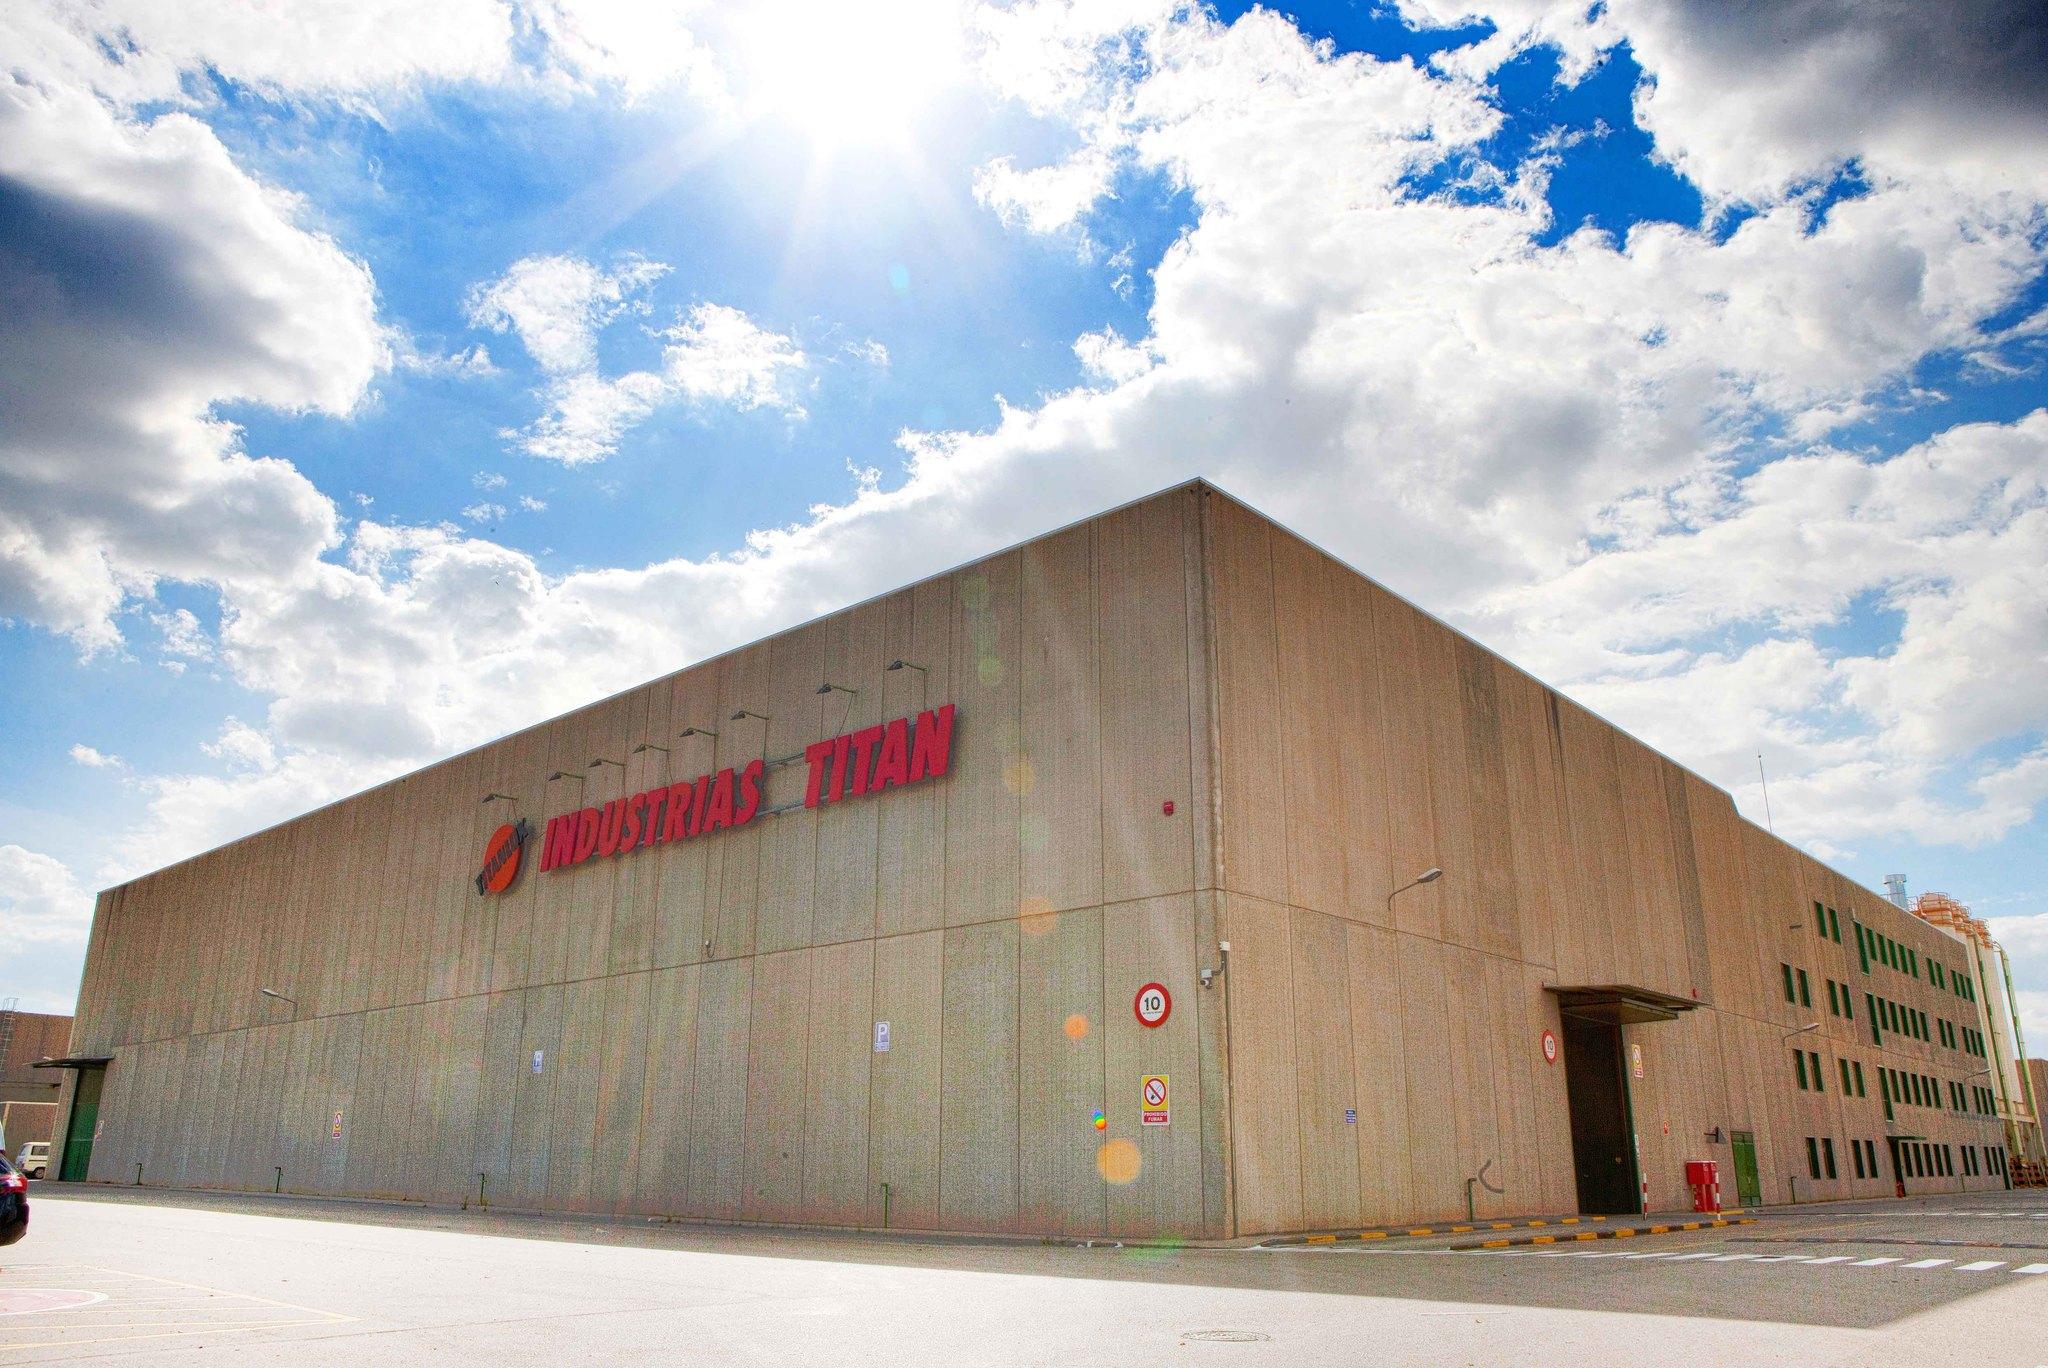 Instalaciones de Industrias Titán en El Prat de Llobregat. Su venta fue una de las operaciones más emblemáticas de 2020.